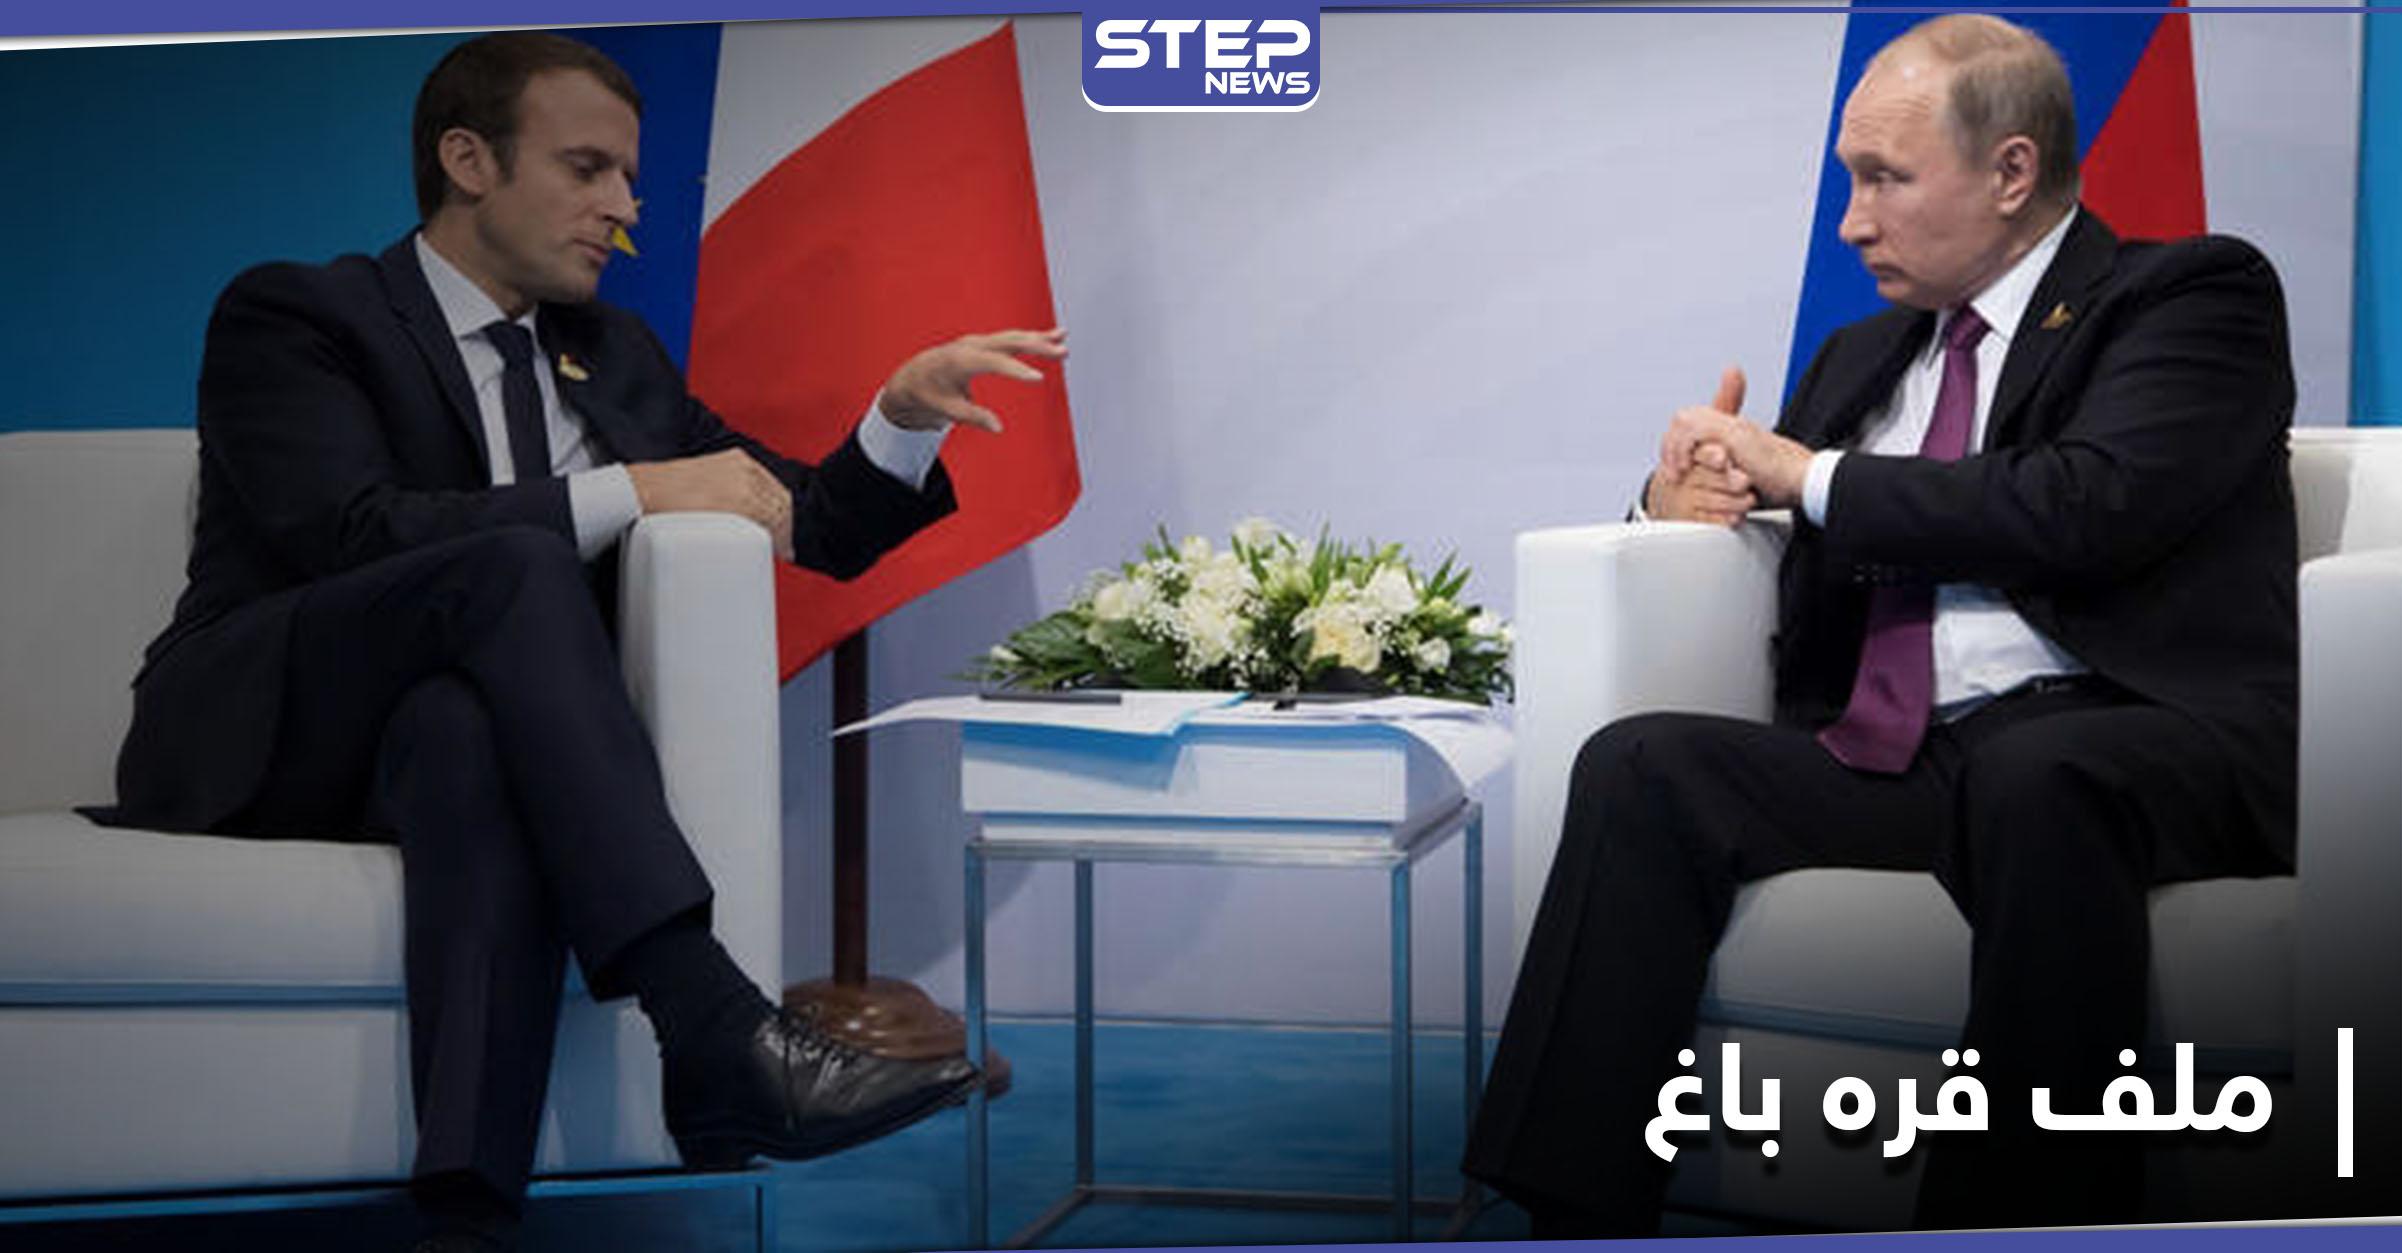 بوتين يتباحث مع ماكرون ملف قره باغ